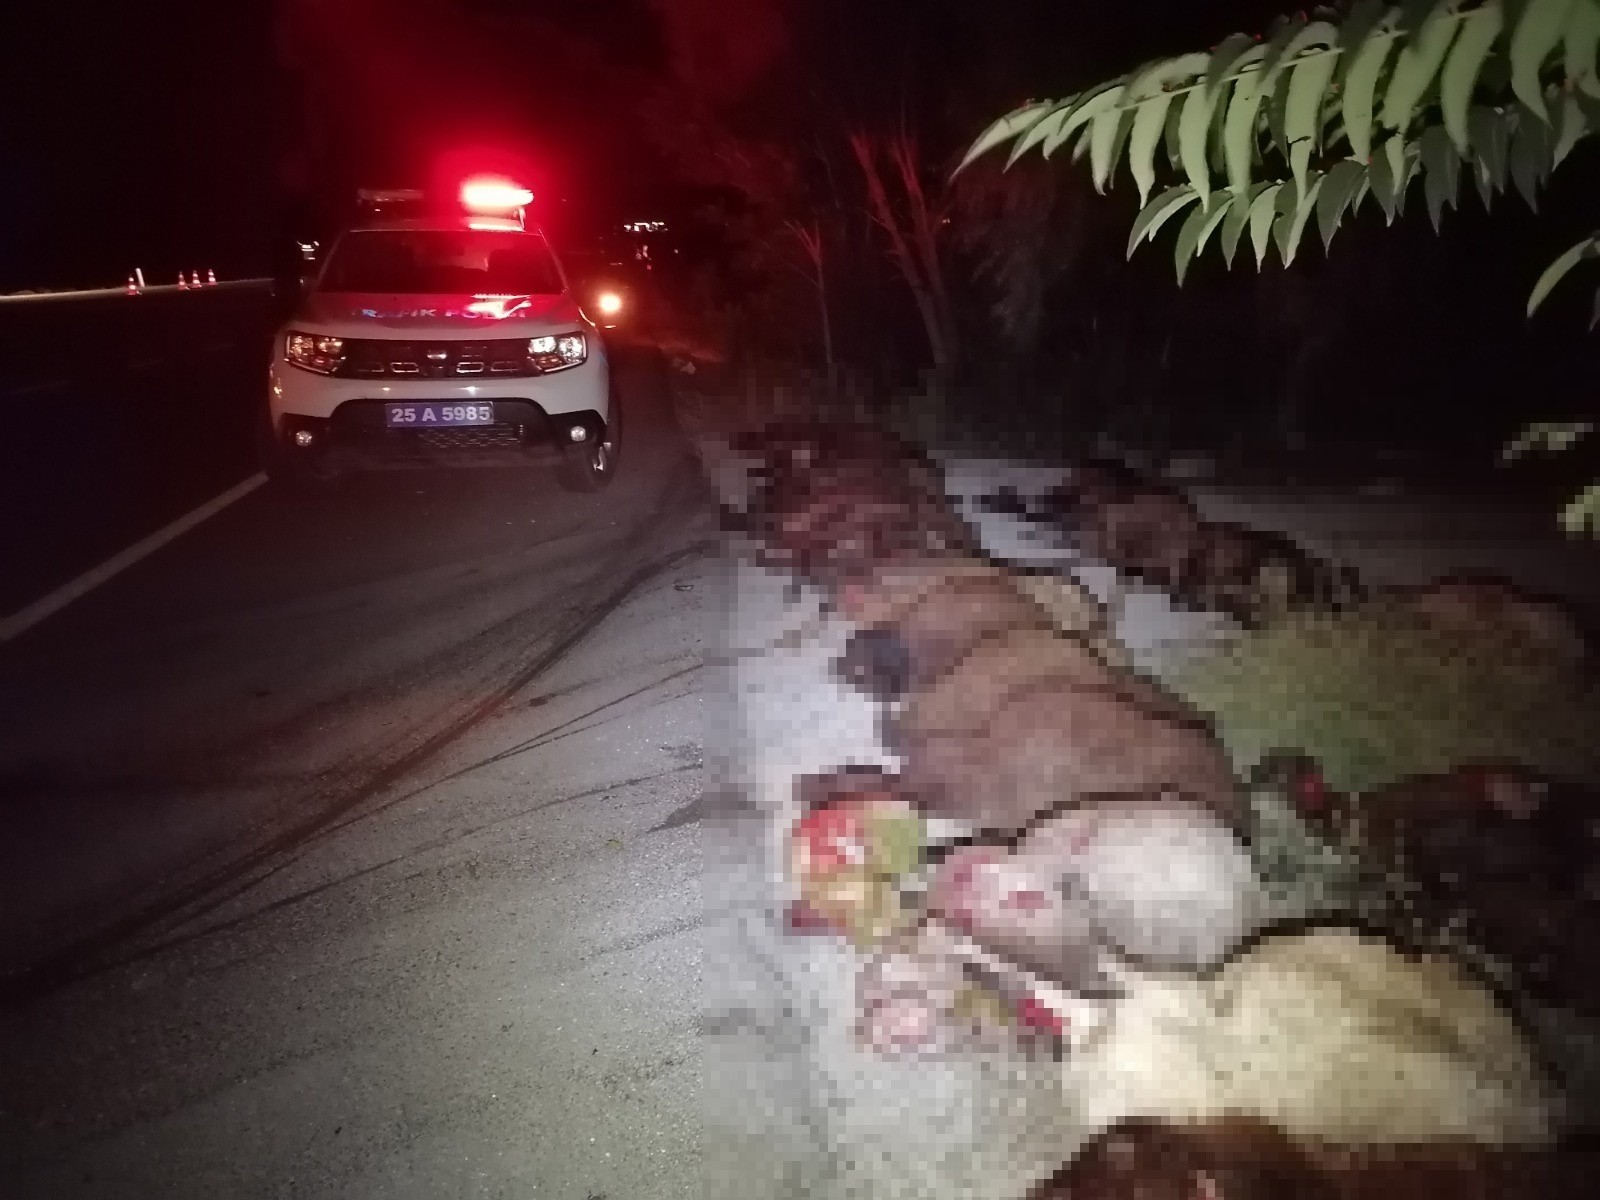 İki otomobil koyun sürüne çarptı: 40 koyun telef oldu - Erzurum Haberleri